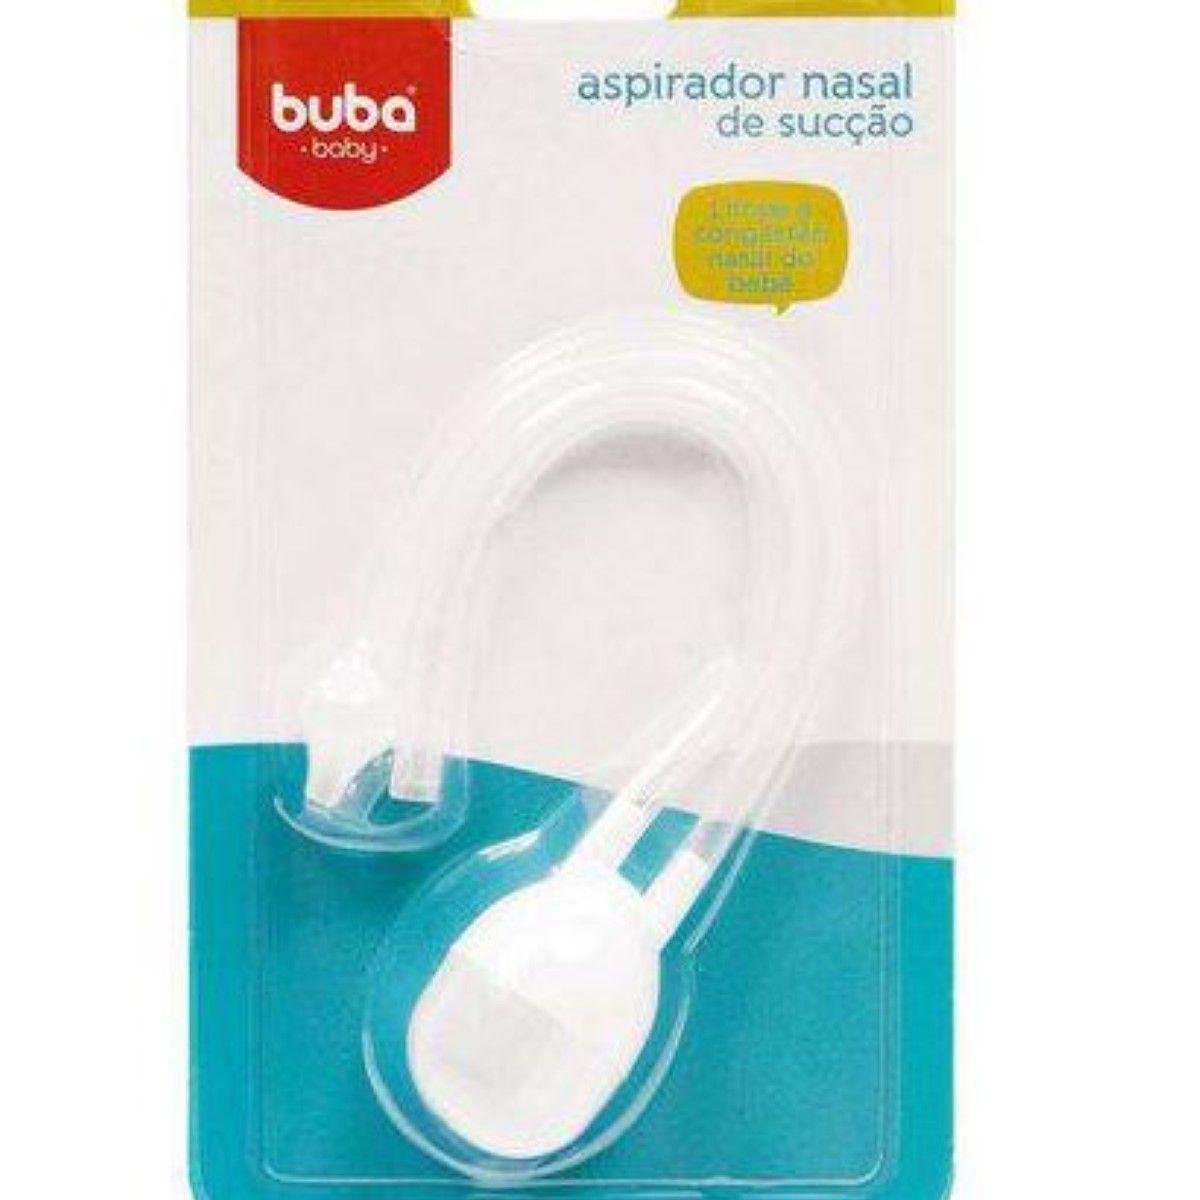 Aspirador Nasal Catarro Gripe Muco Higiene Bebê Nosefrida Aspirador Nasal Bebe Sugador Resfriado Melhor Que Nesofrida.